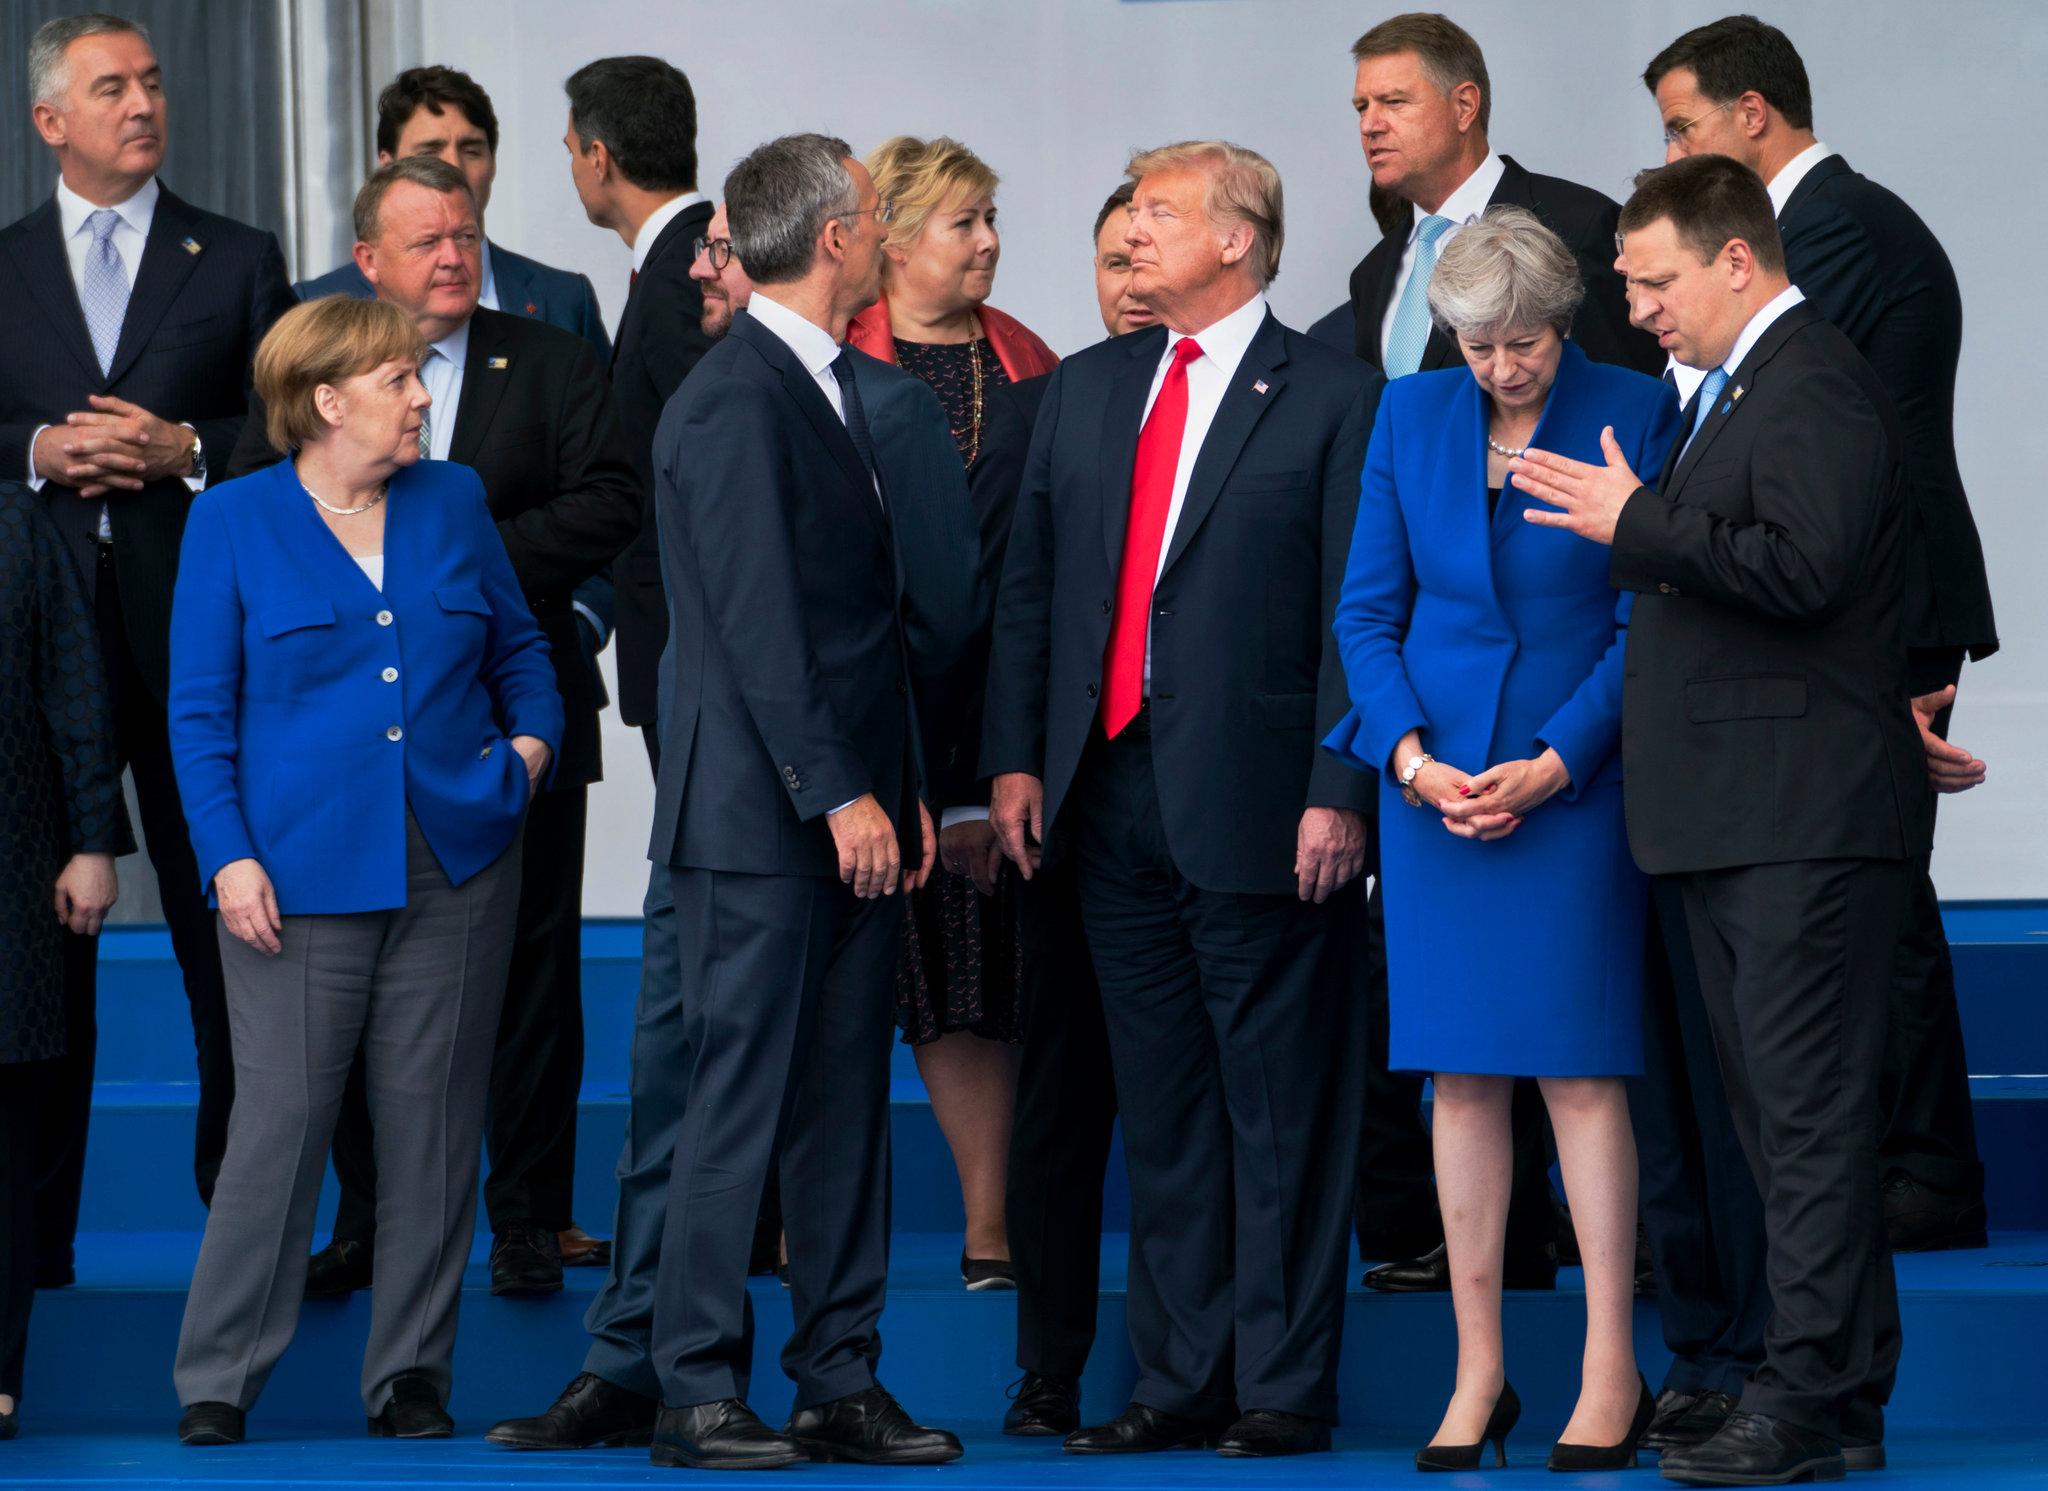 Американский президент заявил союзникам по НАТО: либо защищайтесь от России, либо перестаньте покупать у нее газ, финансируя российскую армию